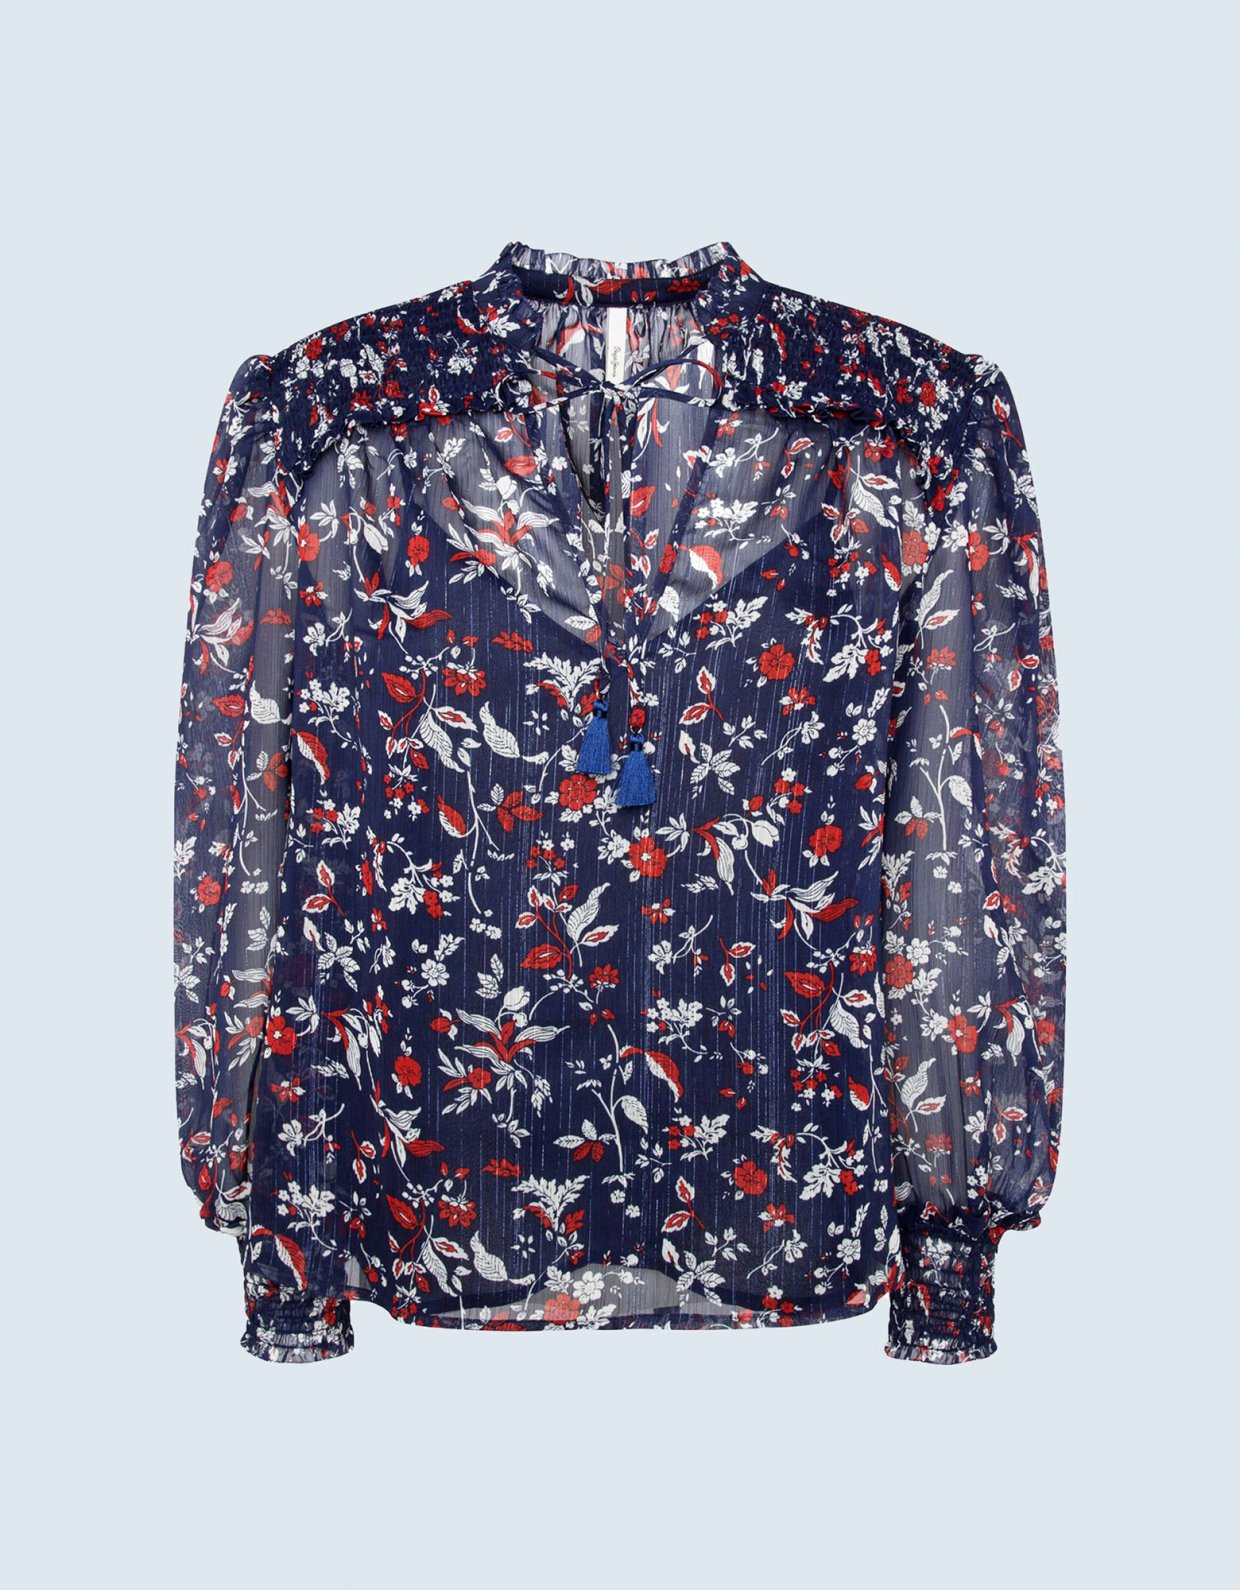 Pepe Jeans Emilia blouse